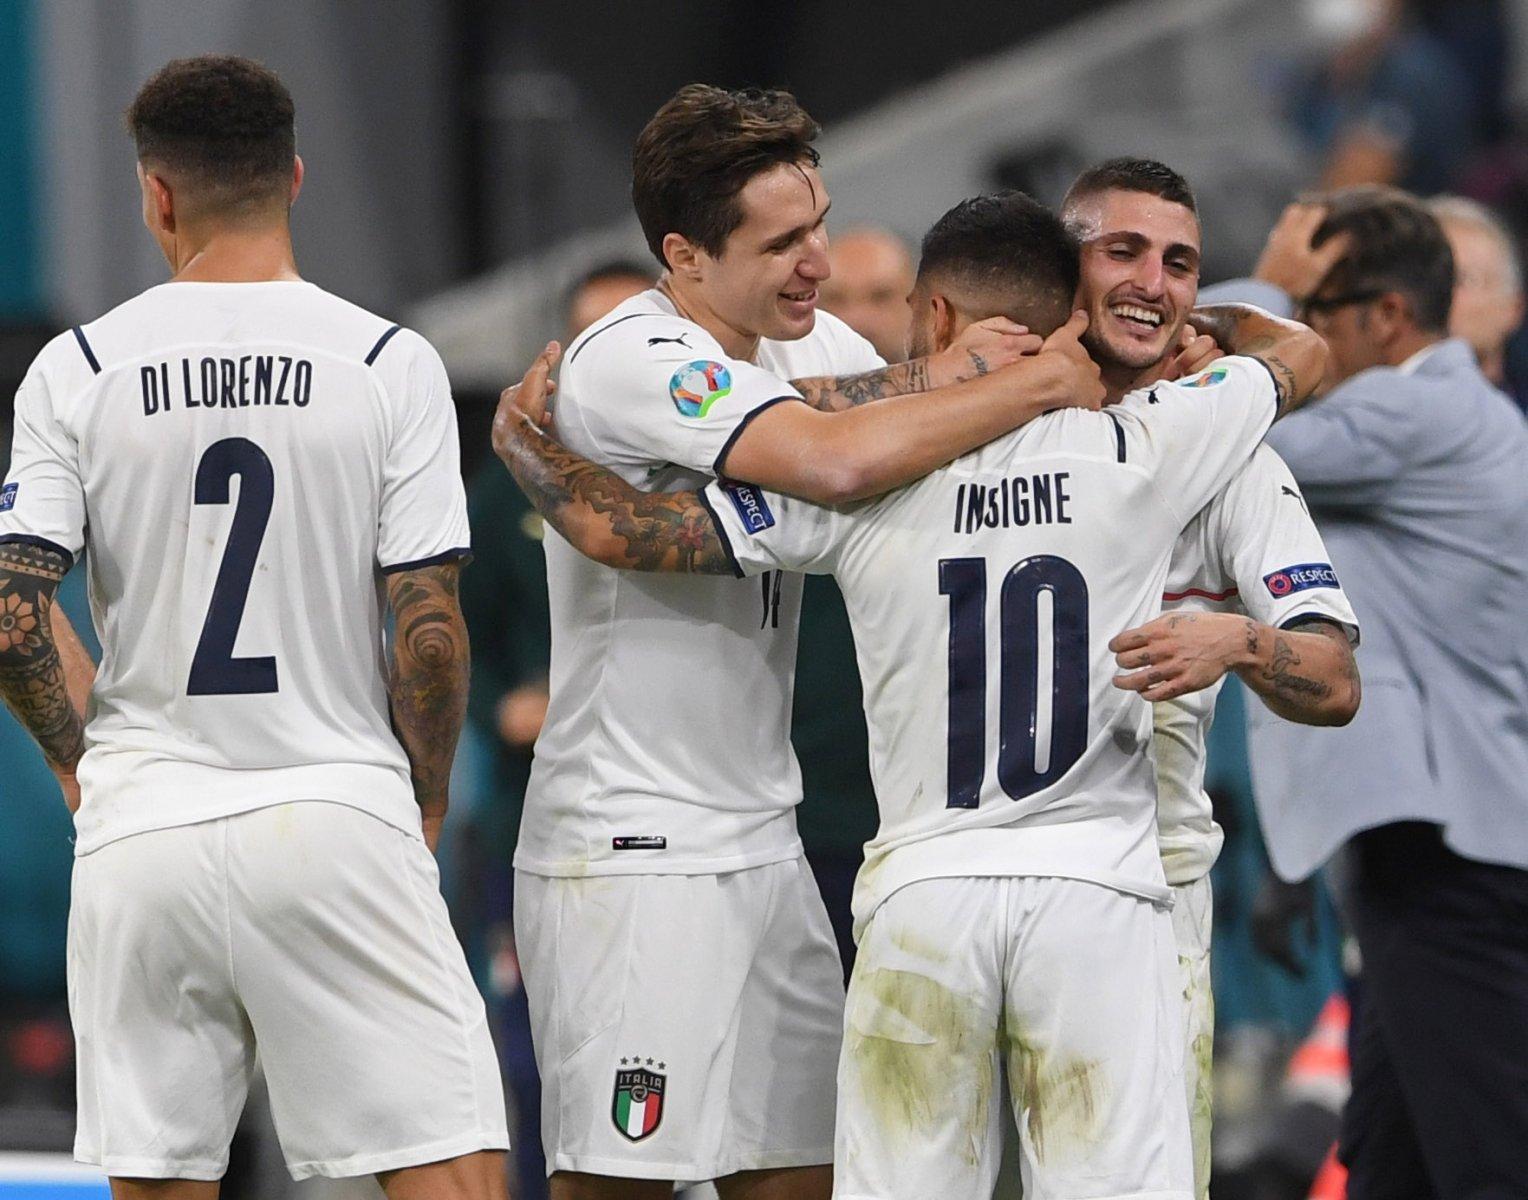 Italia rompe el récord del Campeonato de Europa con la victoria de Bélgica